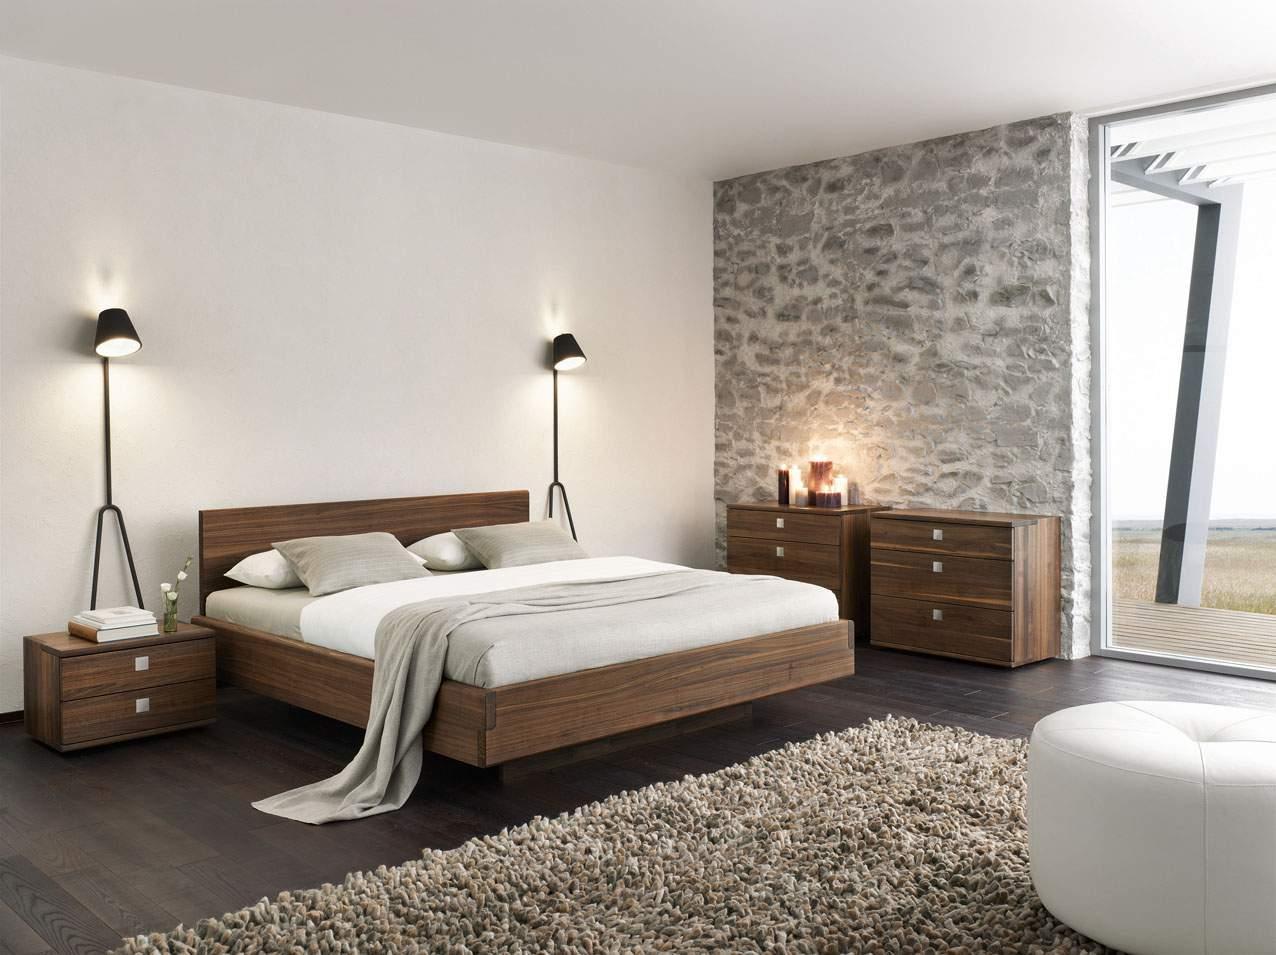 Mẫu giường ngủ thấp - TC19175